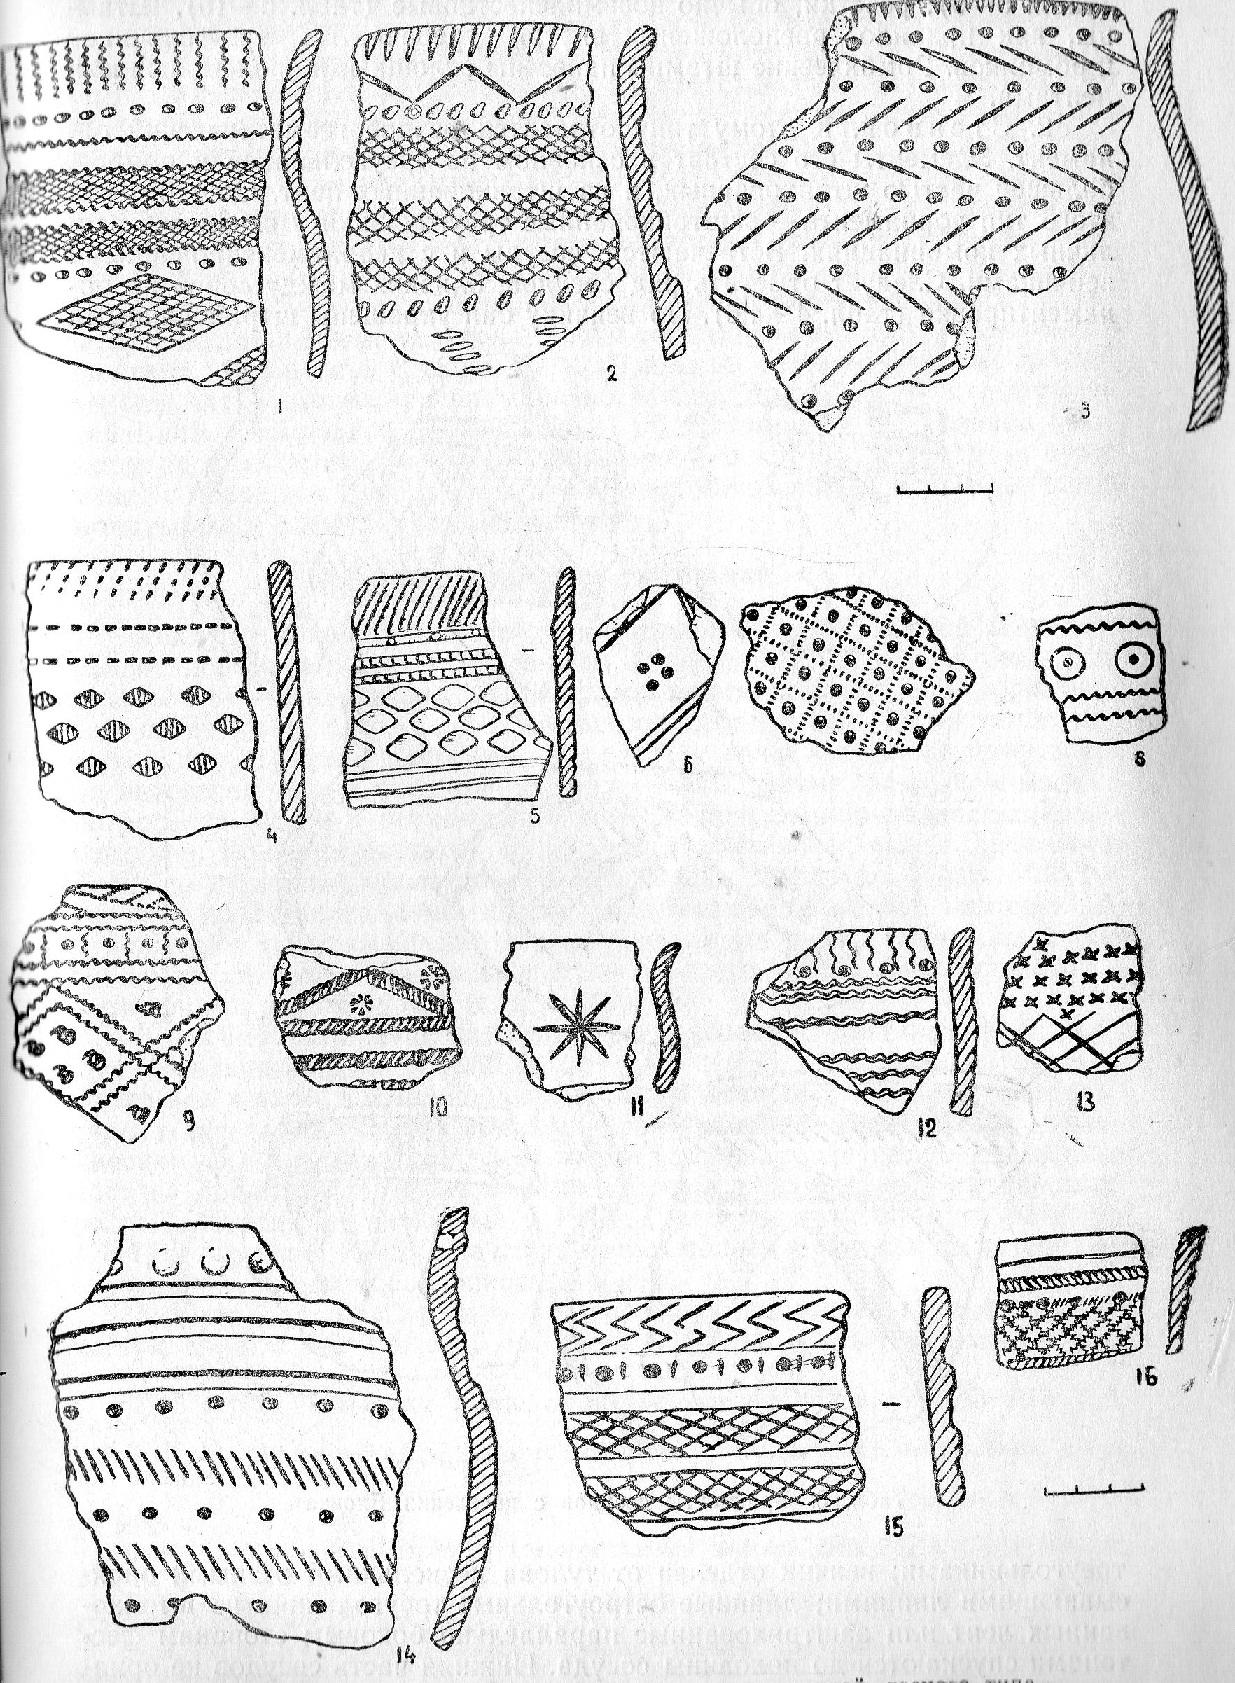 Табл. 5, Керамика Еловского поселения с орнаментацией лесного типа